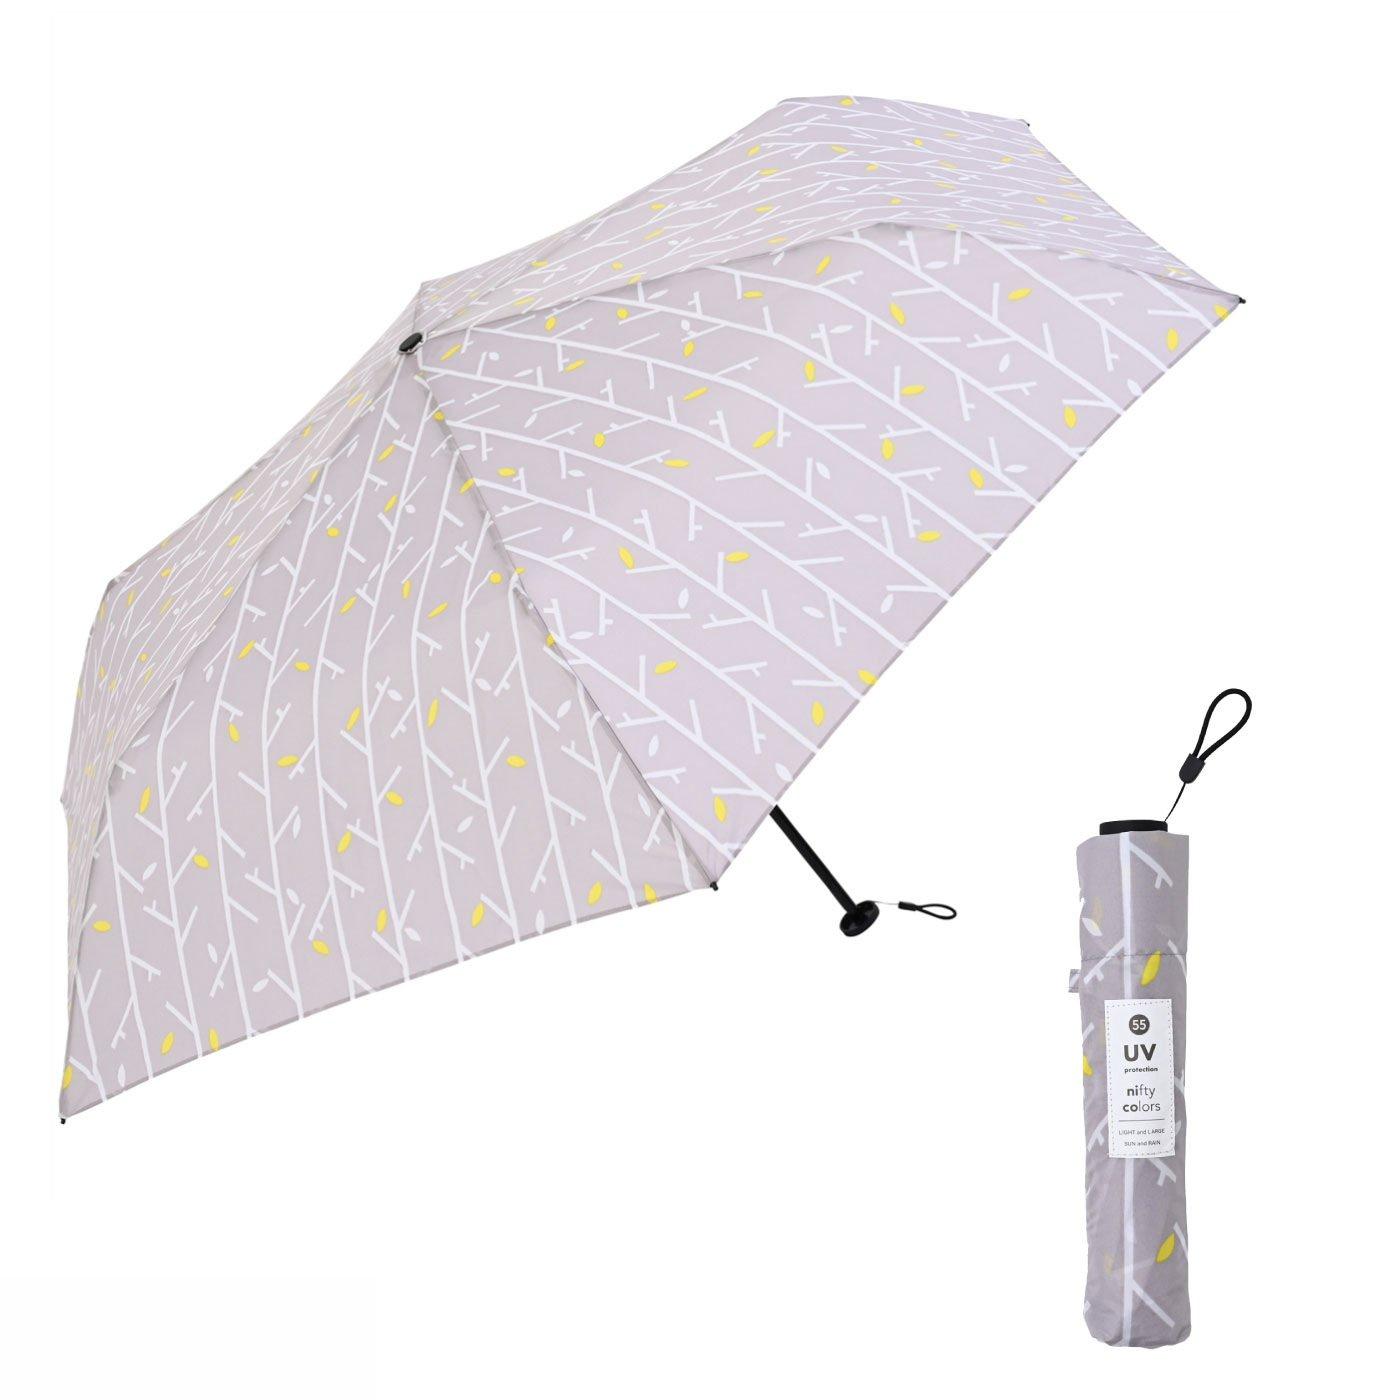 たたんでコンパクト!ひらいてほどよいサイズ!ちょっと大きめ55cmのブランチ晴雨兼用傘